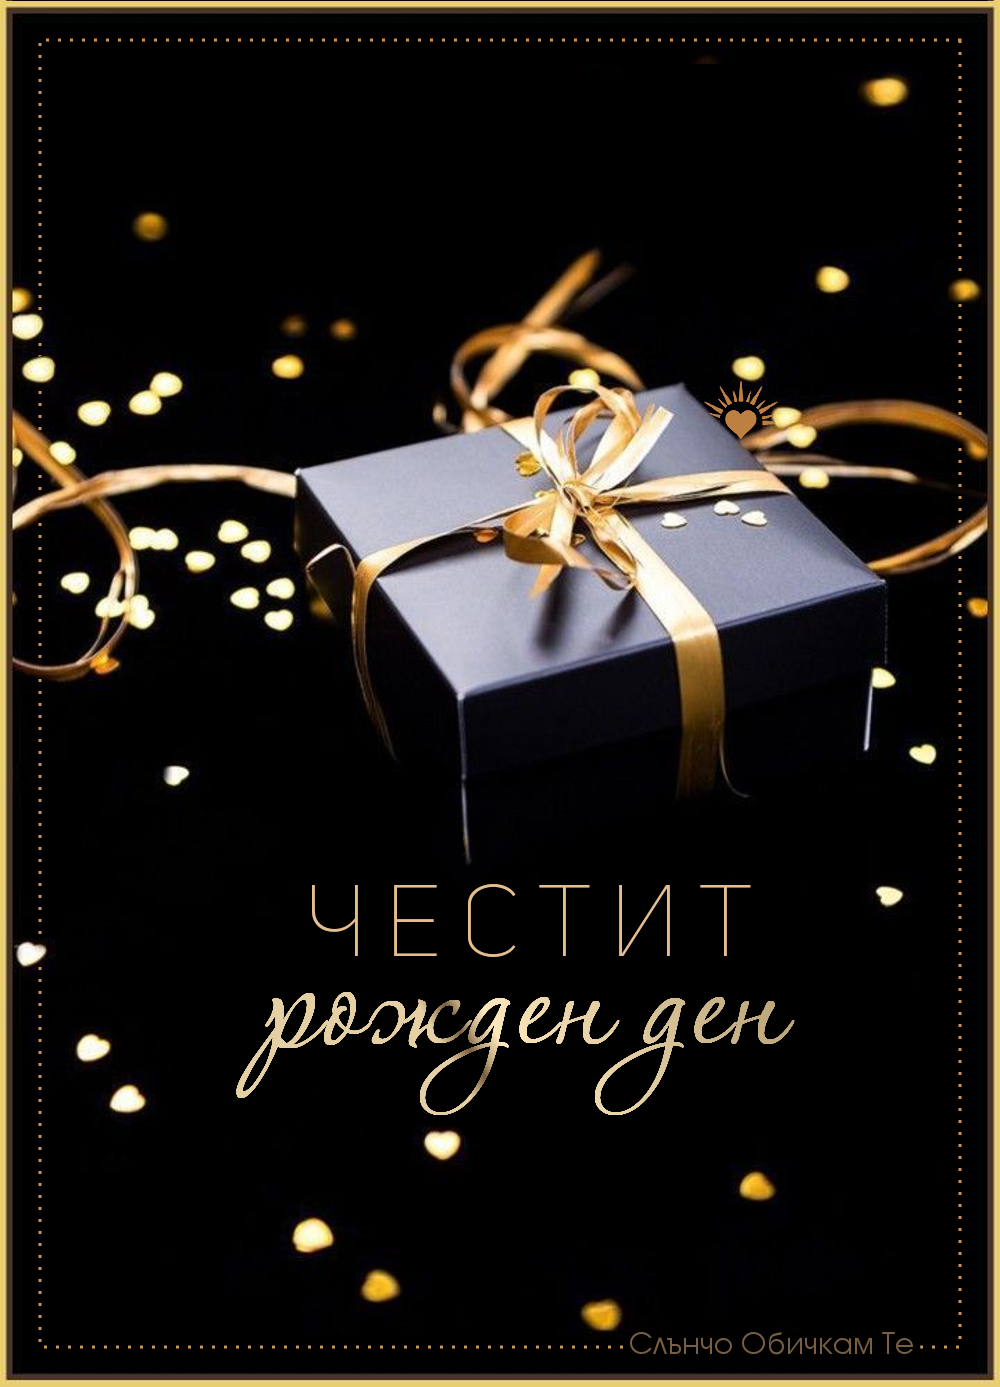 Честит рожден ден със златен надпис на черен фон, картички за рожден ден за мъж